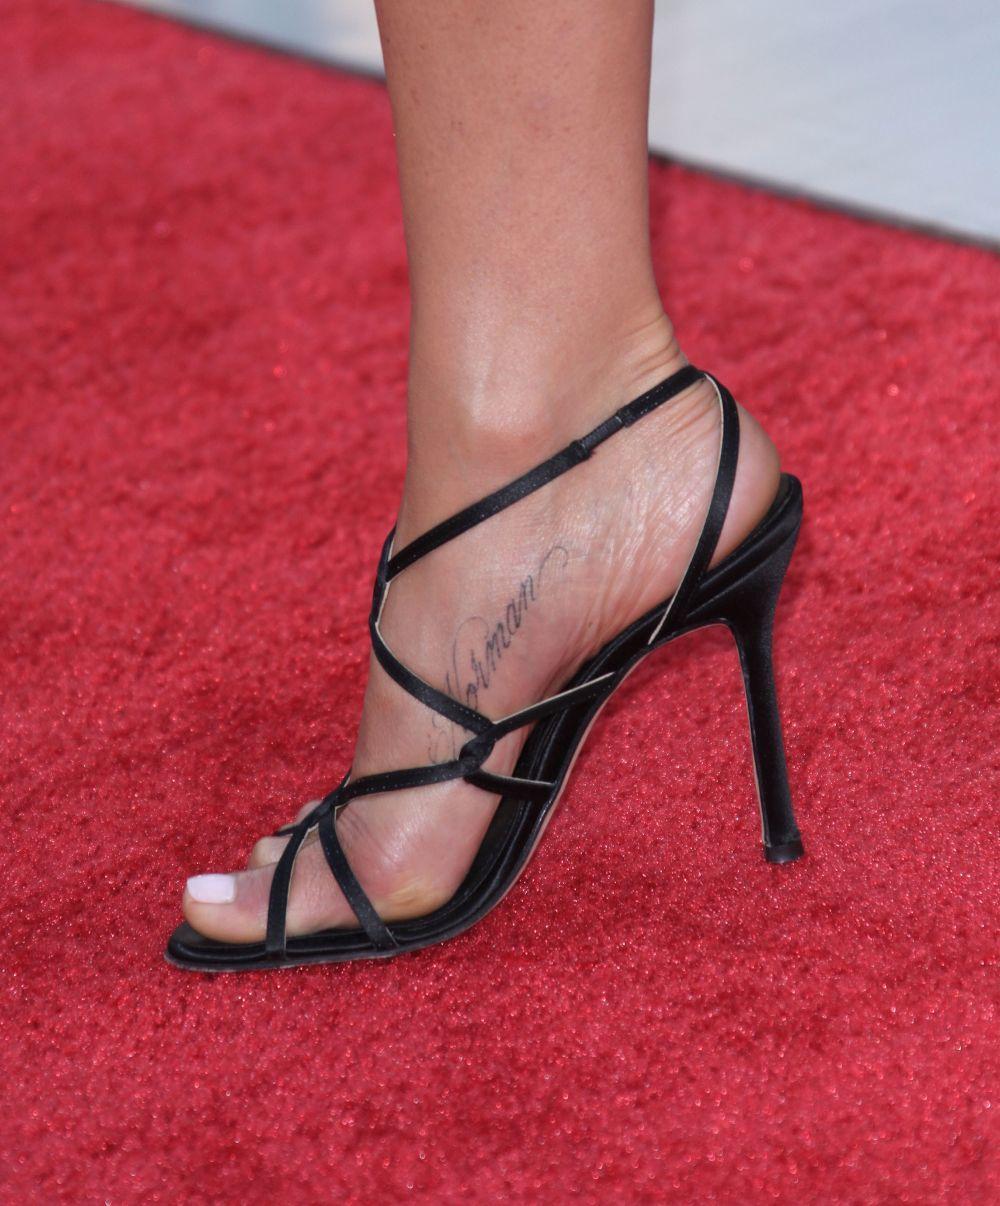 La actriz Jennifer Aniston también tiene un tatuaje en el pie con el nombre de su perro Norman.